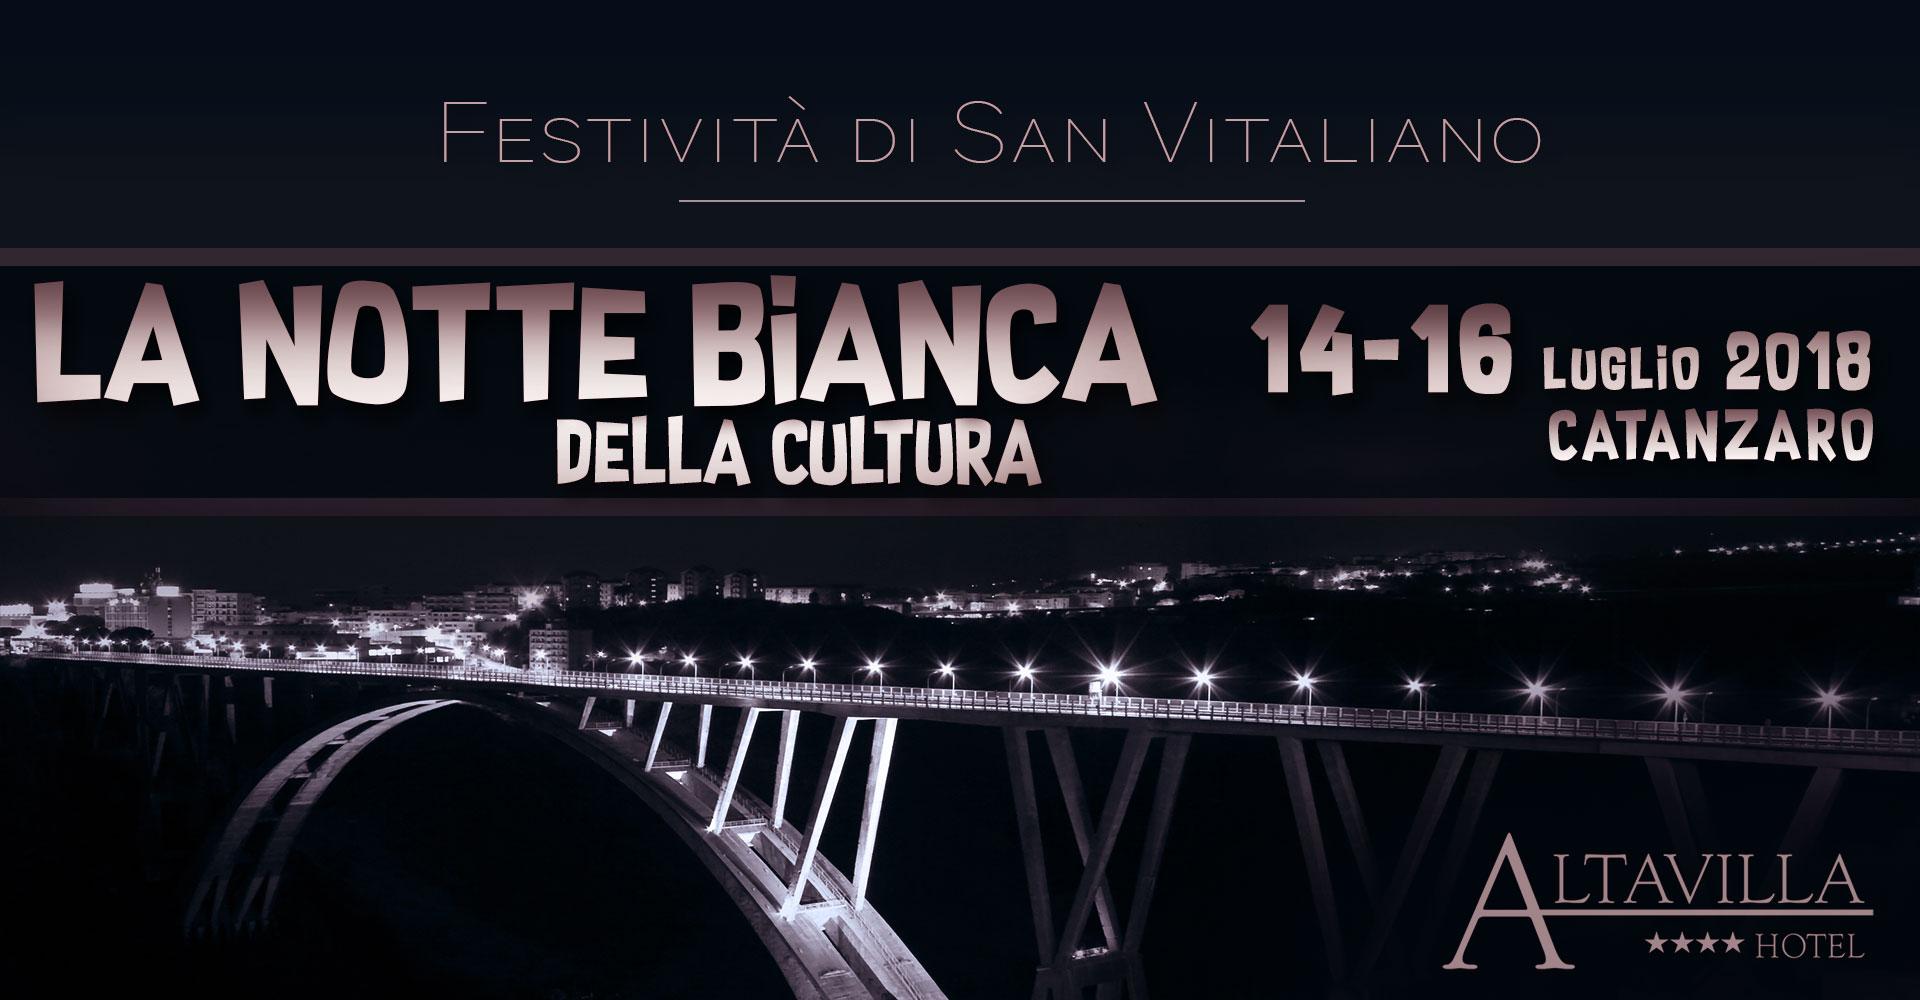 Festività San Vitaliano Catanzaro